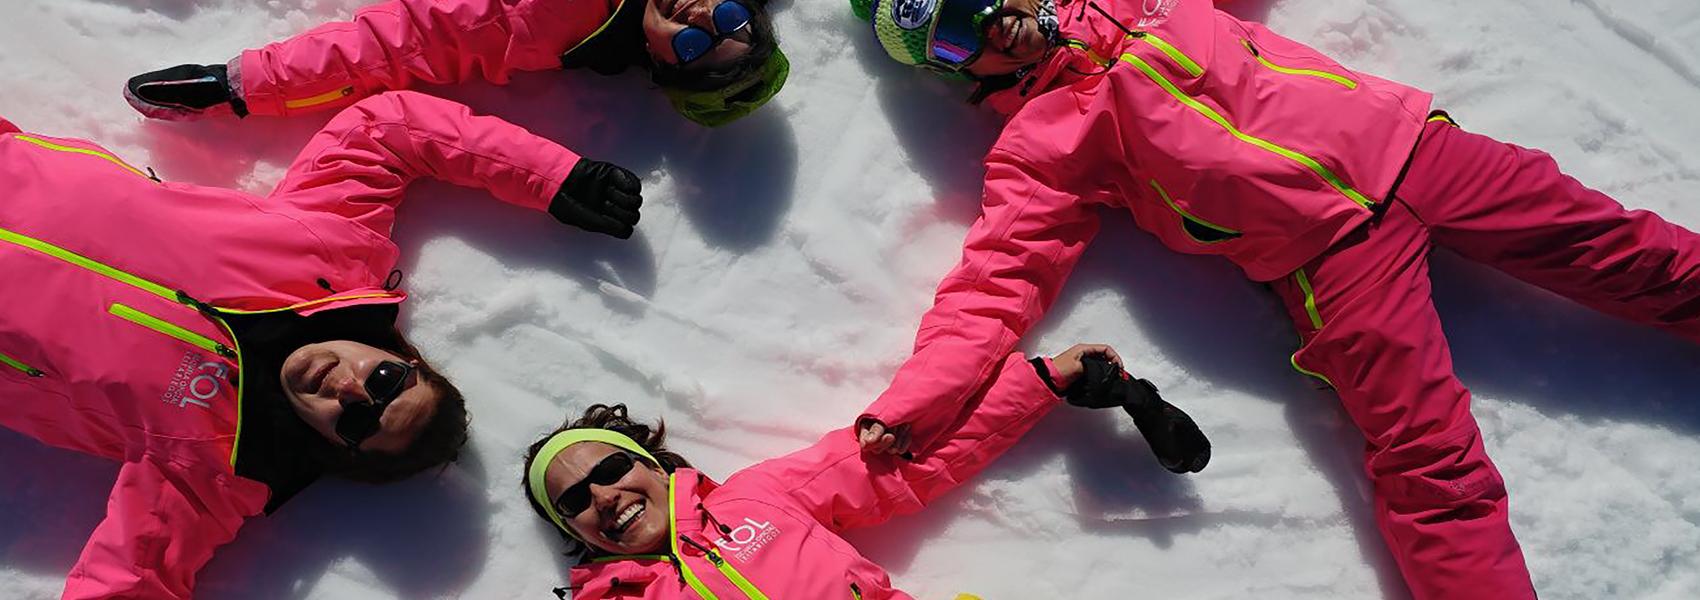 Profes de esquí y snow Ayuko